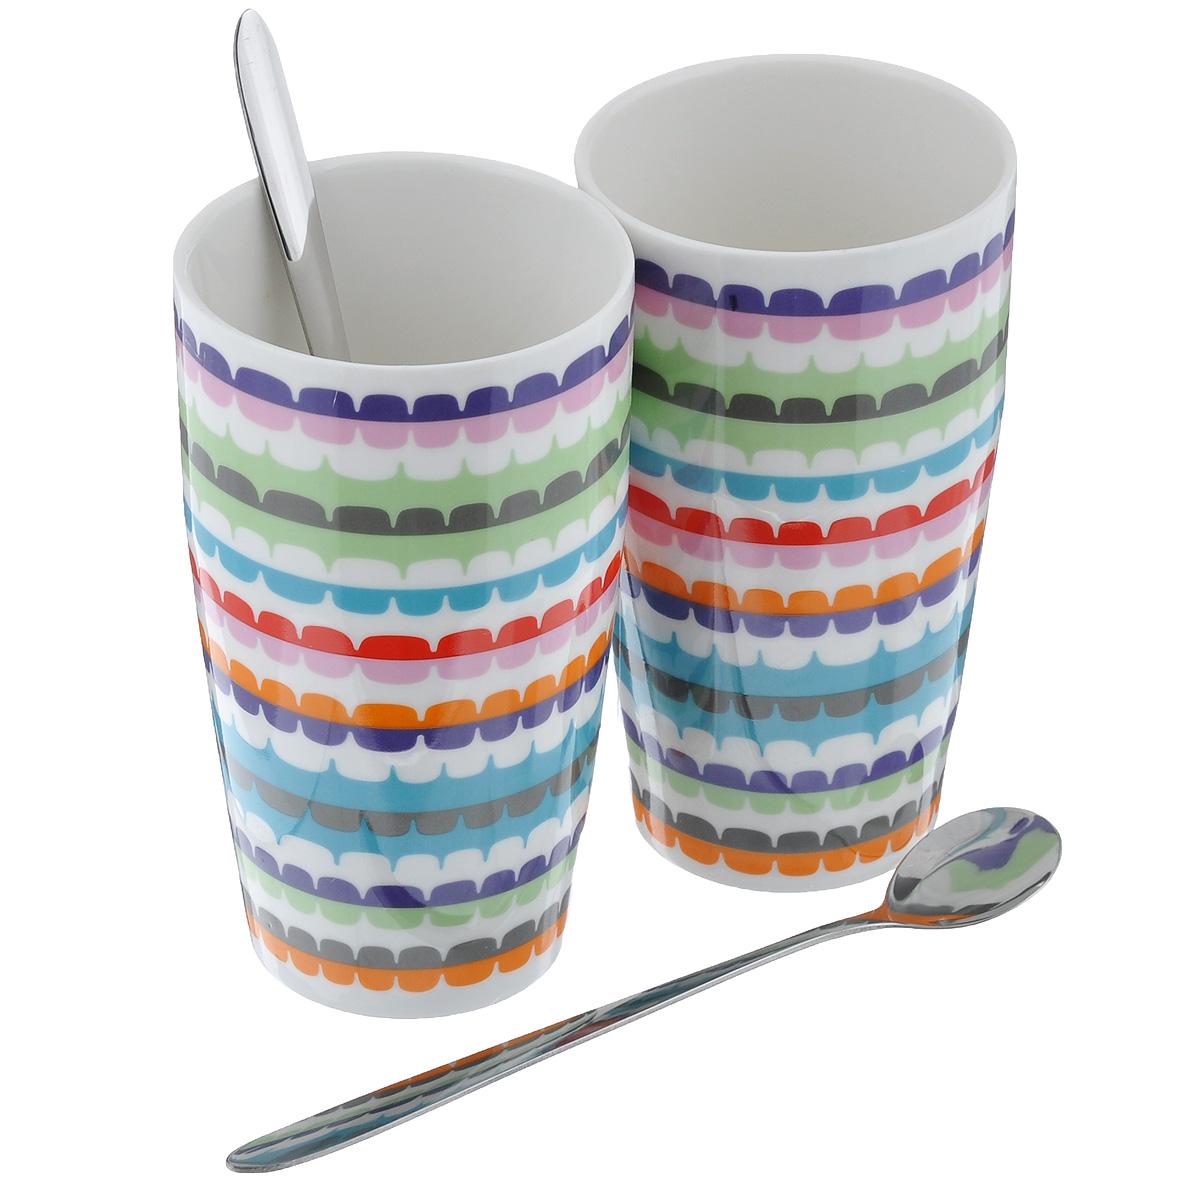 Набор стаканов для латте Sagaform Pop, с ложками, 500 мл, 2 шт5017114Набор Sagaform Pop состоит из двух стаканов для латте, изготовленных из высококачественной глазурованной керамики. Изделия украшены ярким орнаментом. В комплекте предусмотрены 2 металлические ложечки. Яркая расцветка и современный дизайн хорошо впишутся в интерьер любой кухни. Серия посуды POP удобна для повседневного использования. Можно мыть в посудомоечной машине. Диаметр стакана (по верхнему краю): 8,5 см. Высота стакана: 15 см. Длина ложечки: 18,5 см.